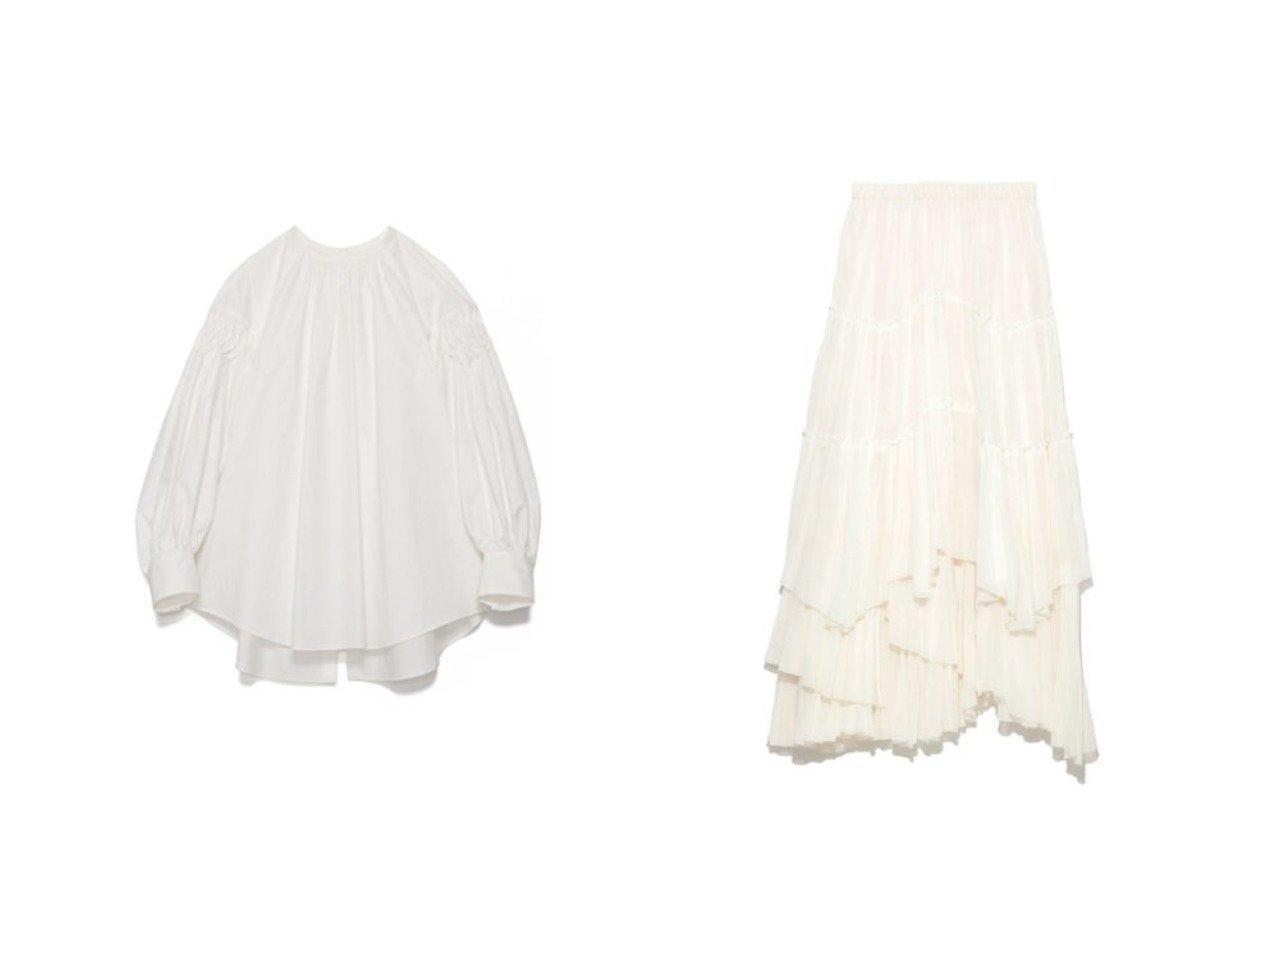 【CASA FLINE/カーサフライン】のコットンティアードスカート&タックスリーブコットンブラウス CASA FLINEのおすすめ!人気、トレンド・レディースファッションの通販 おすすめで人気の流行・トレンド、ファッションの通販商品 メンズファッション・キッズファッション・インテリア・家具・レディースファッション・服の通販 founy(ファニー) https://founy.com/ ファッション Fashion レディースファッション WOMEN トップス Tops Tshirt シャツ/ブラウス Shirts Blouses スカート Skirt ティアードスカート Tiered Skirts ギャザー スリーブ フレア 長袖 エアリー セットアップ センター パープル フェミニン フリル マキシ ラウンド ロング |ID:crp329100000018055